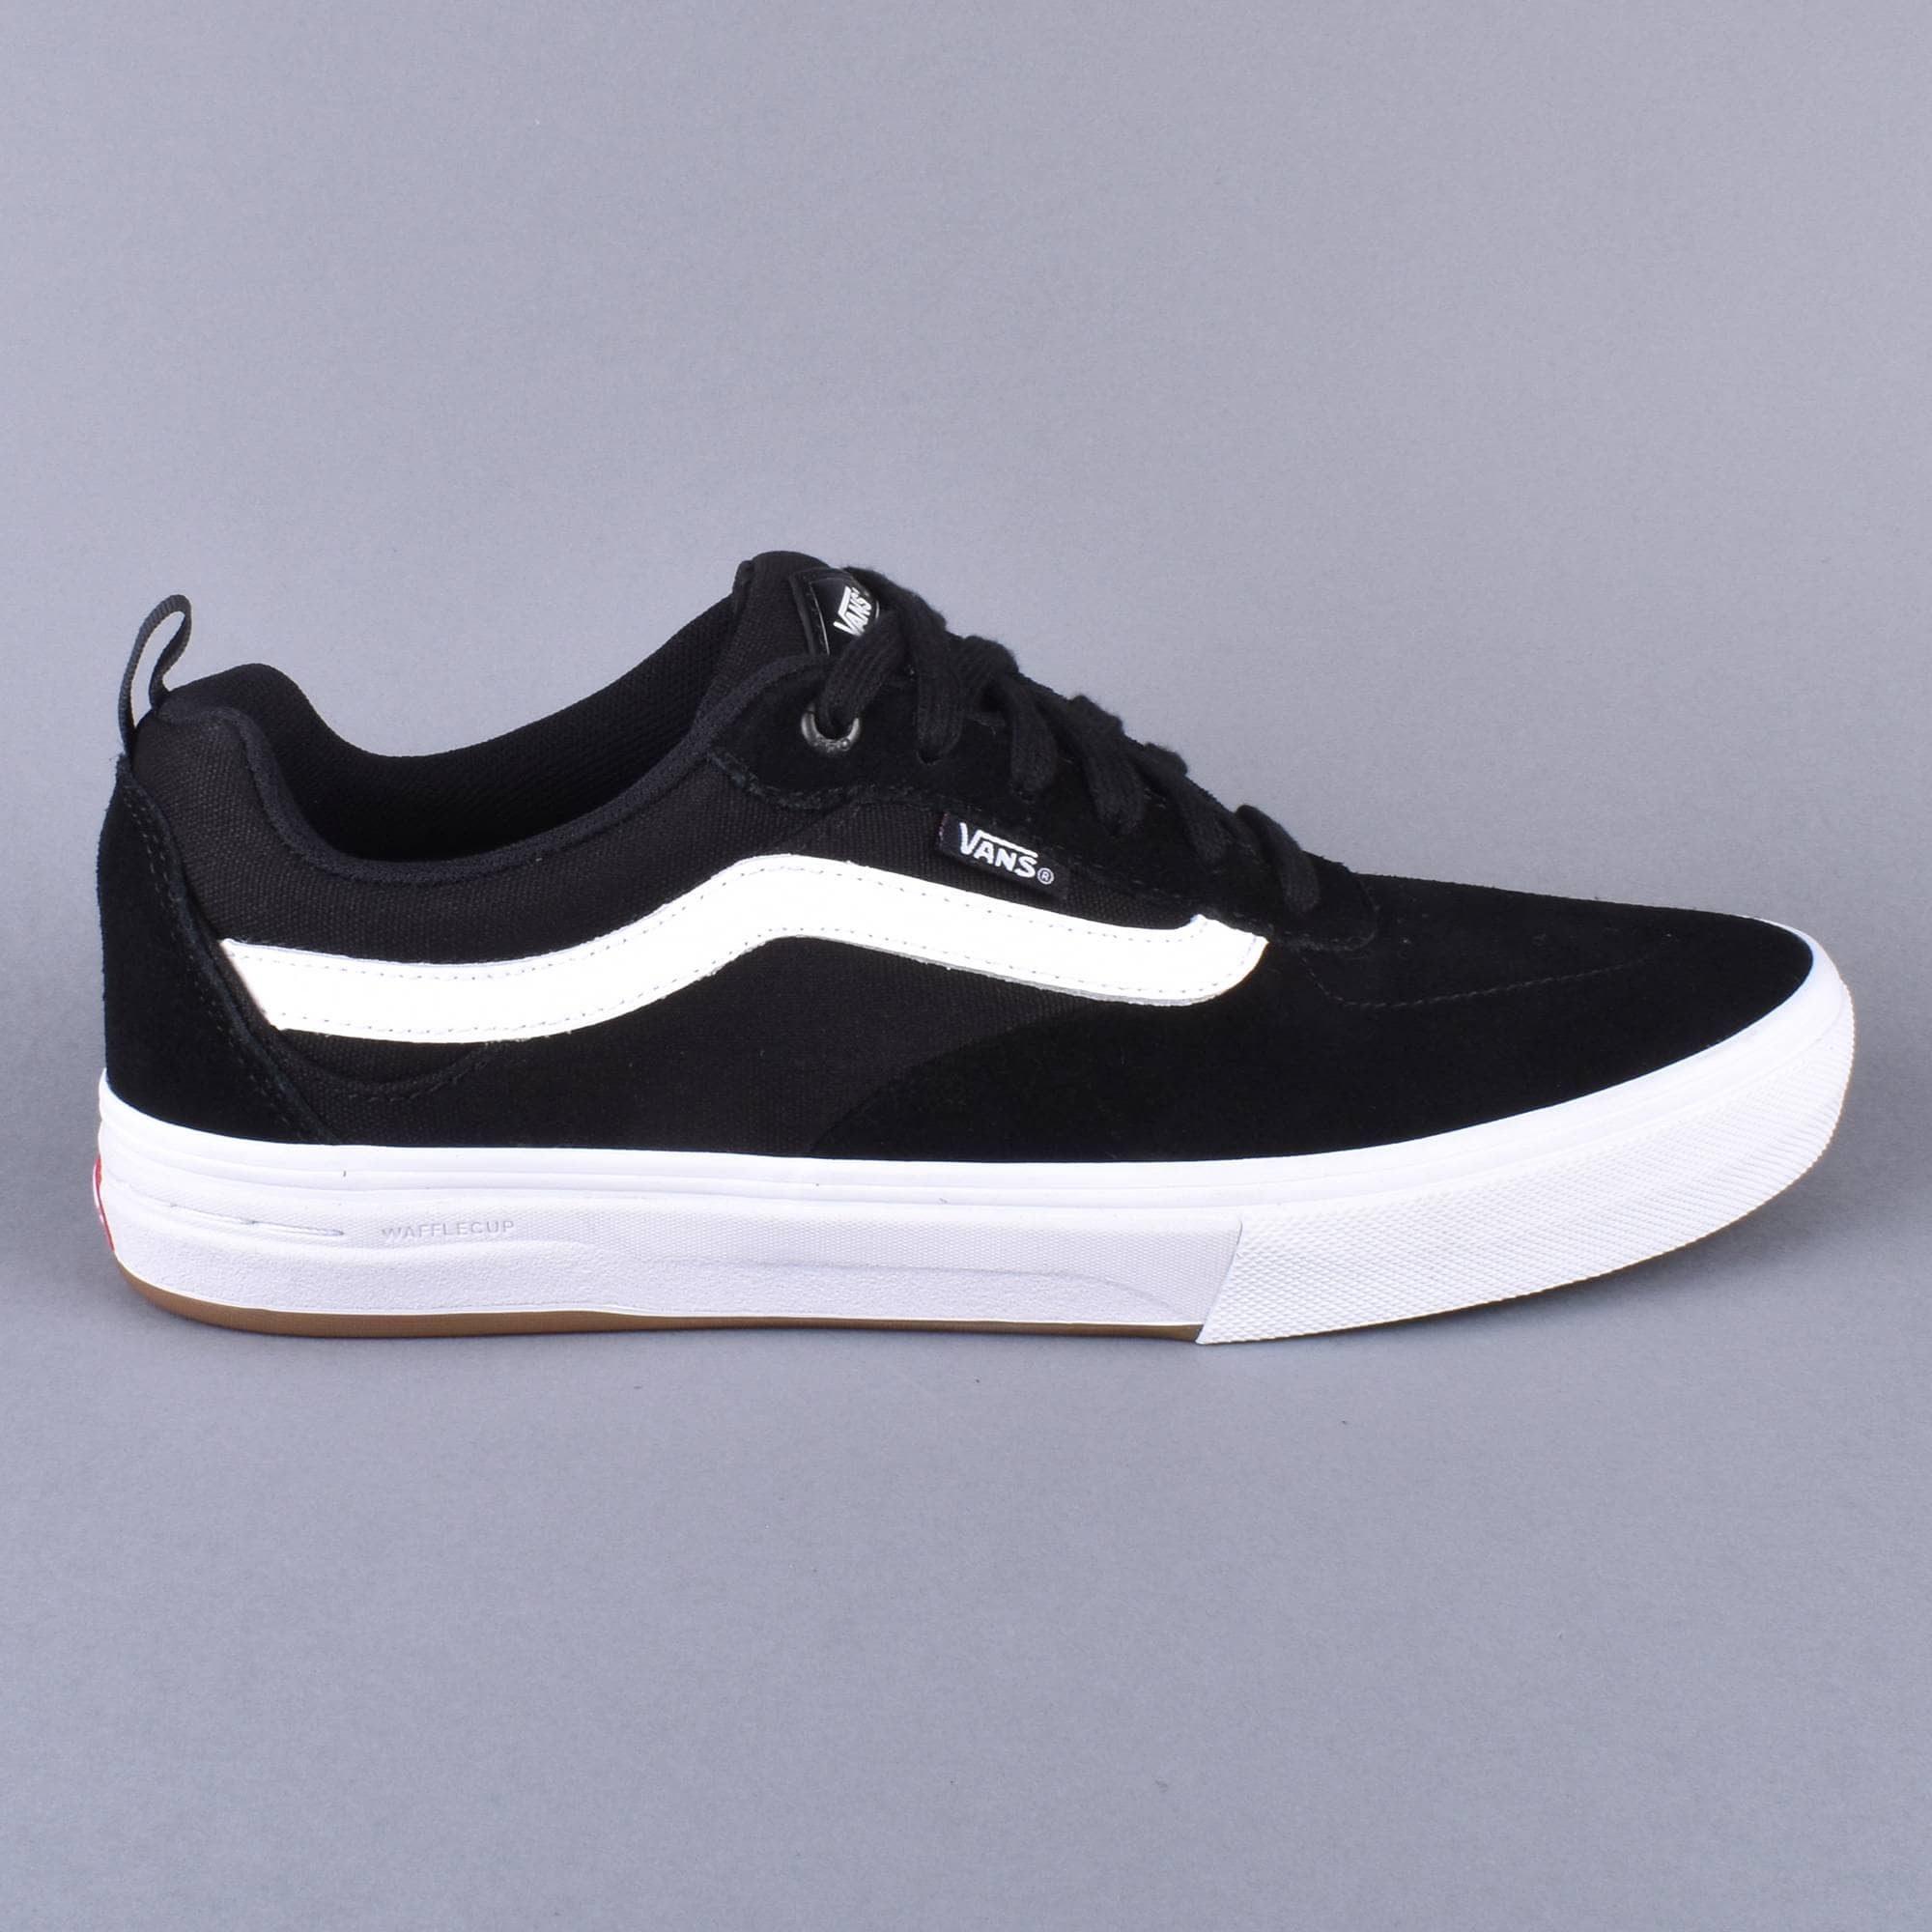 vans caussures pro skate